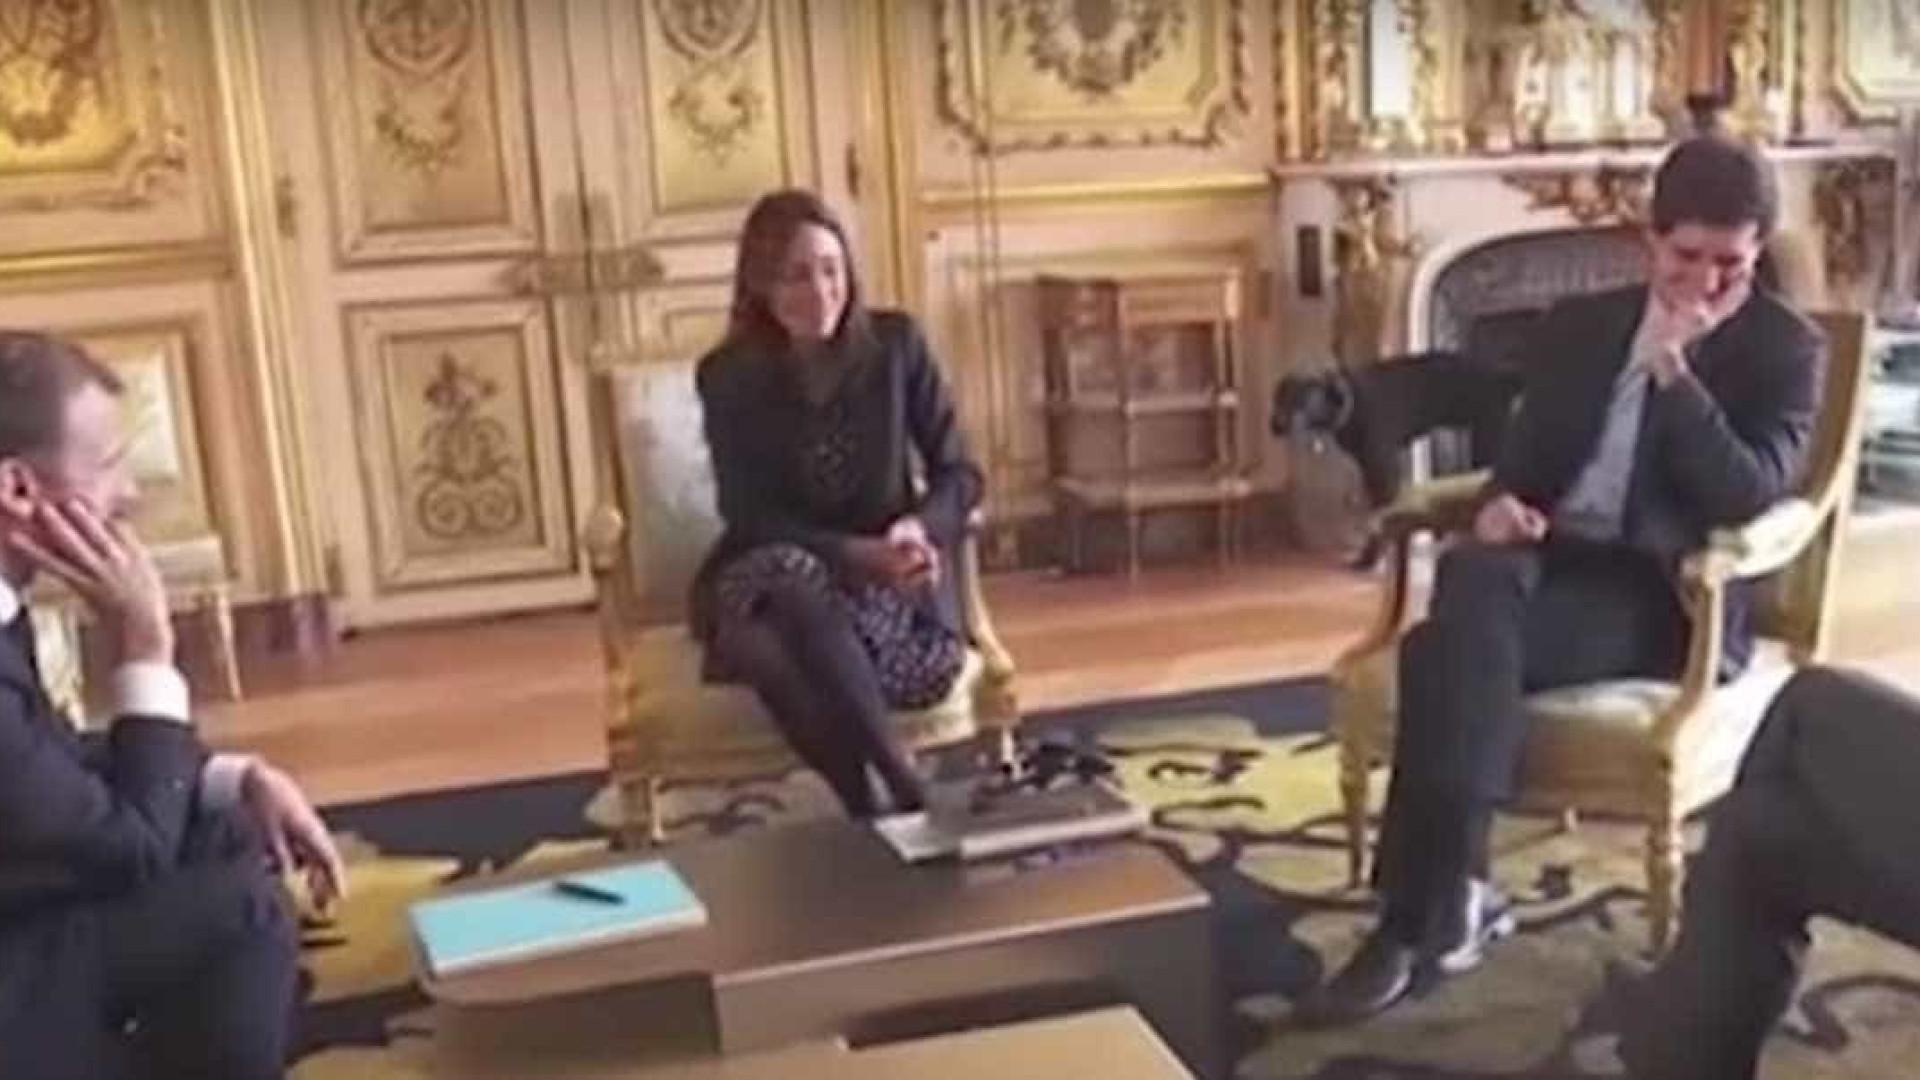 Cachorro de Macron faz xixi em lareira durante reunião ministerial — Vídeo